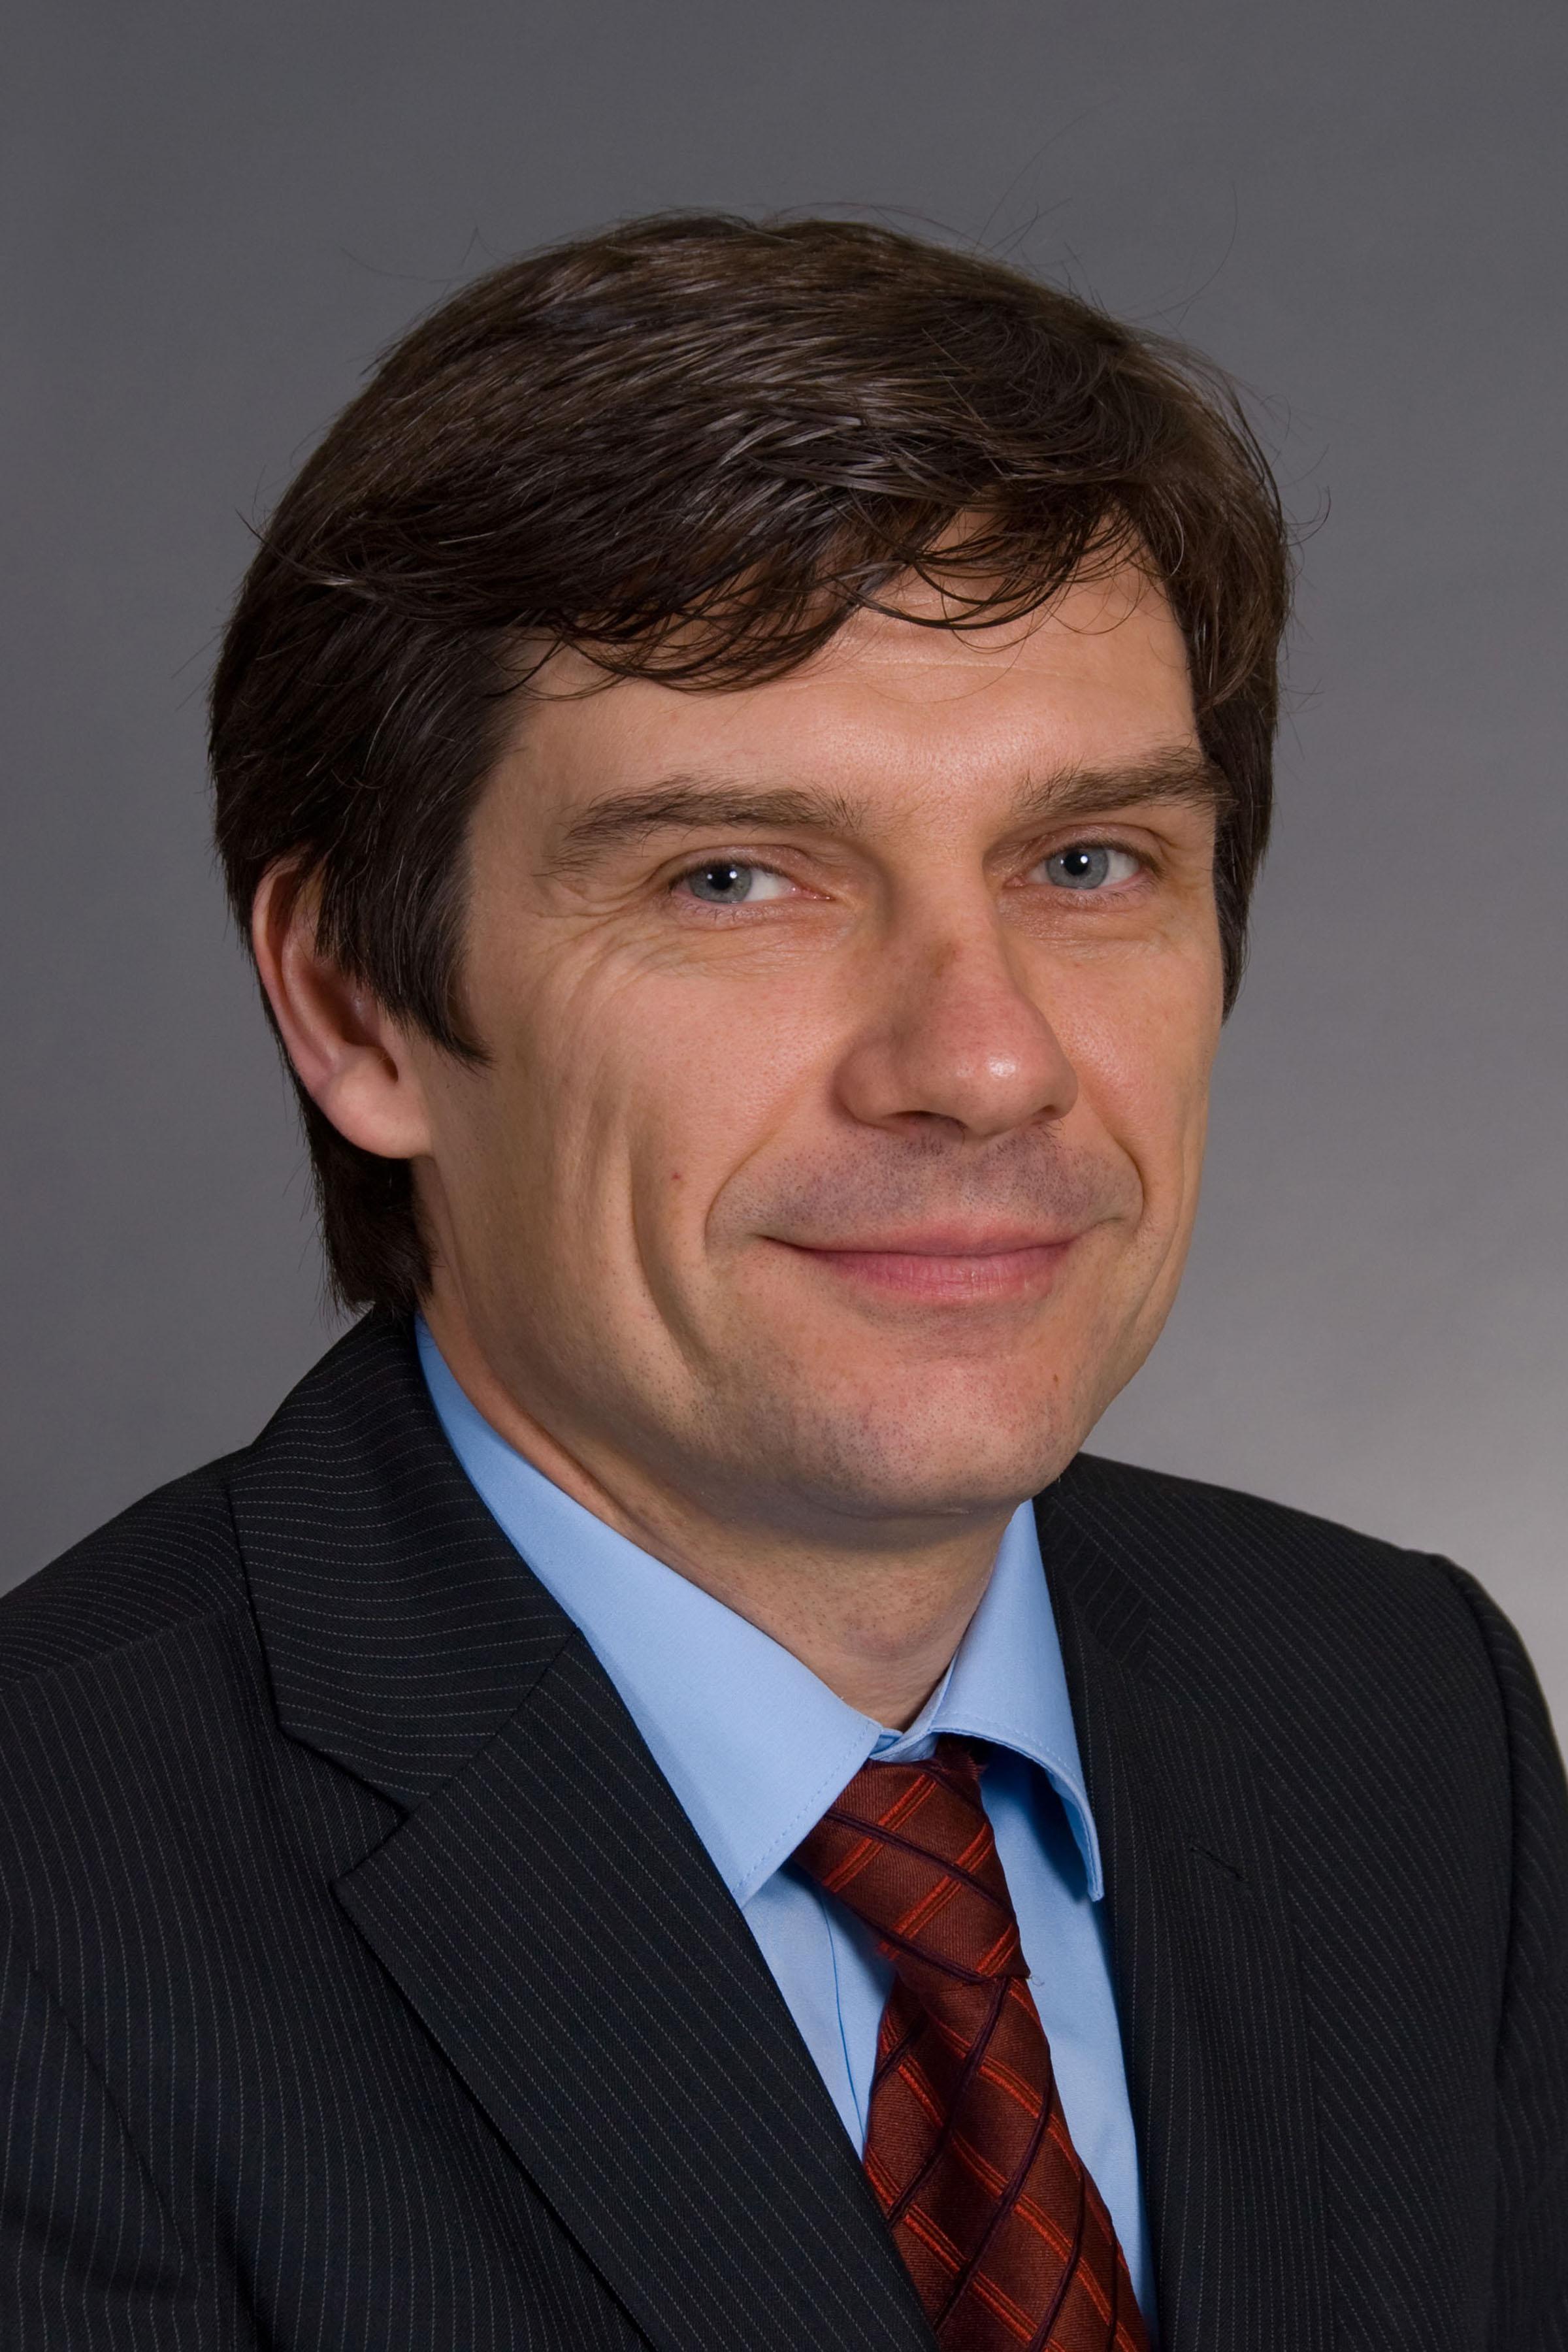 Olaf Weber